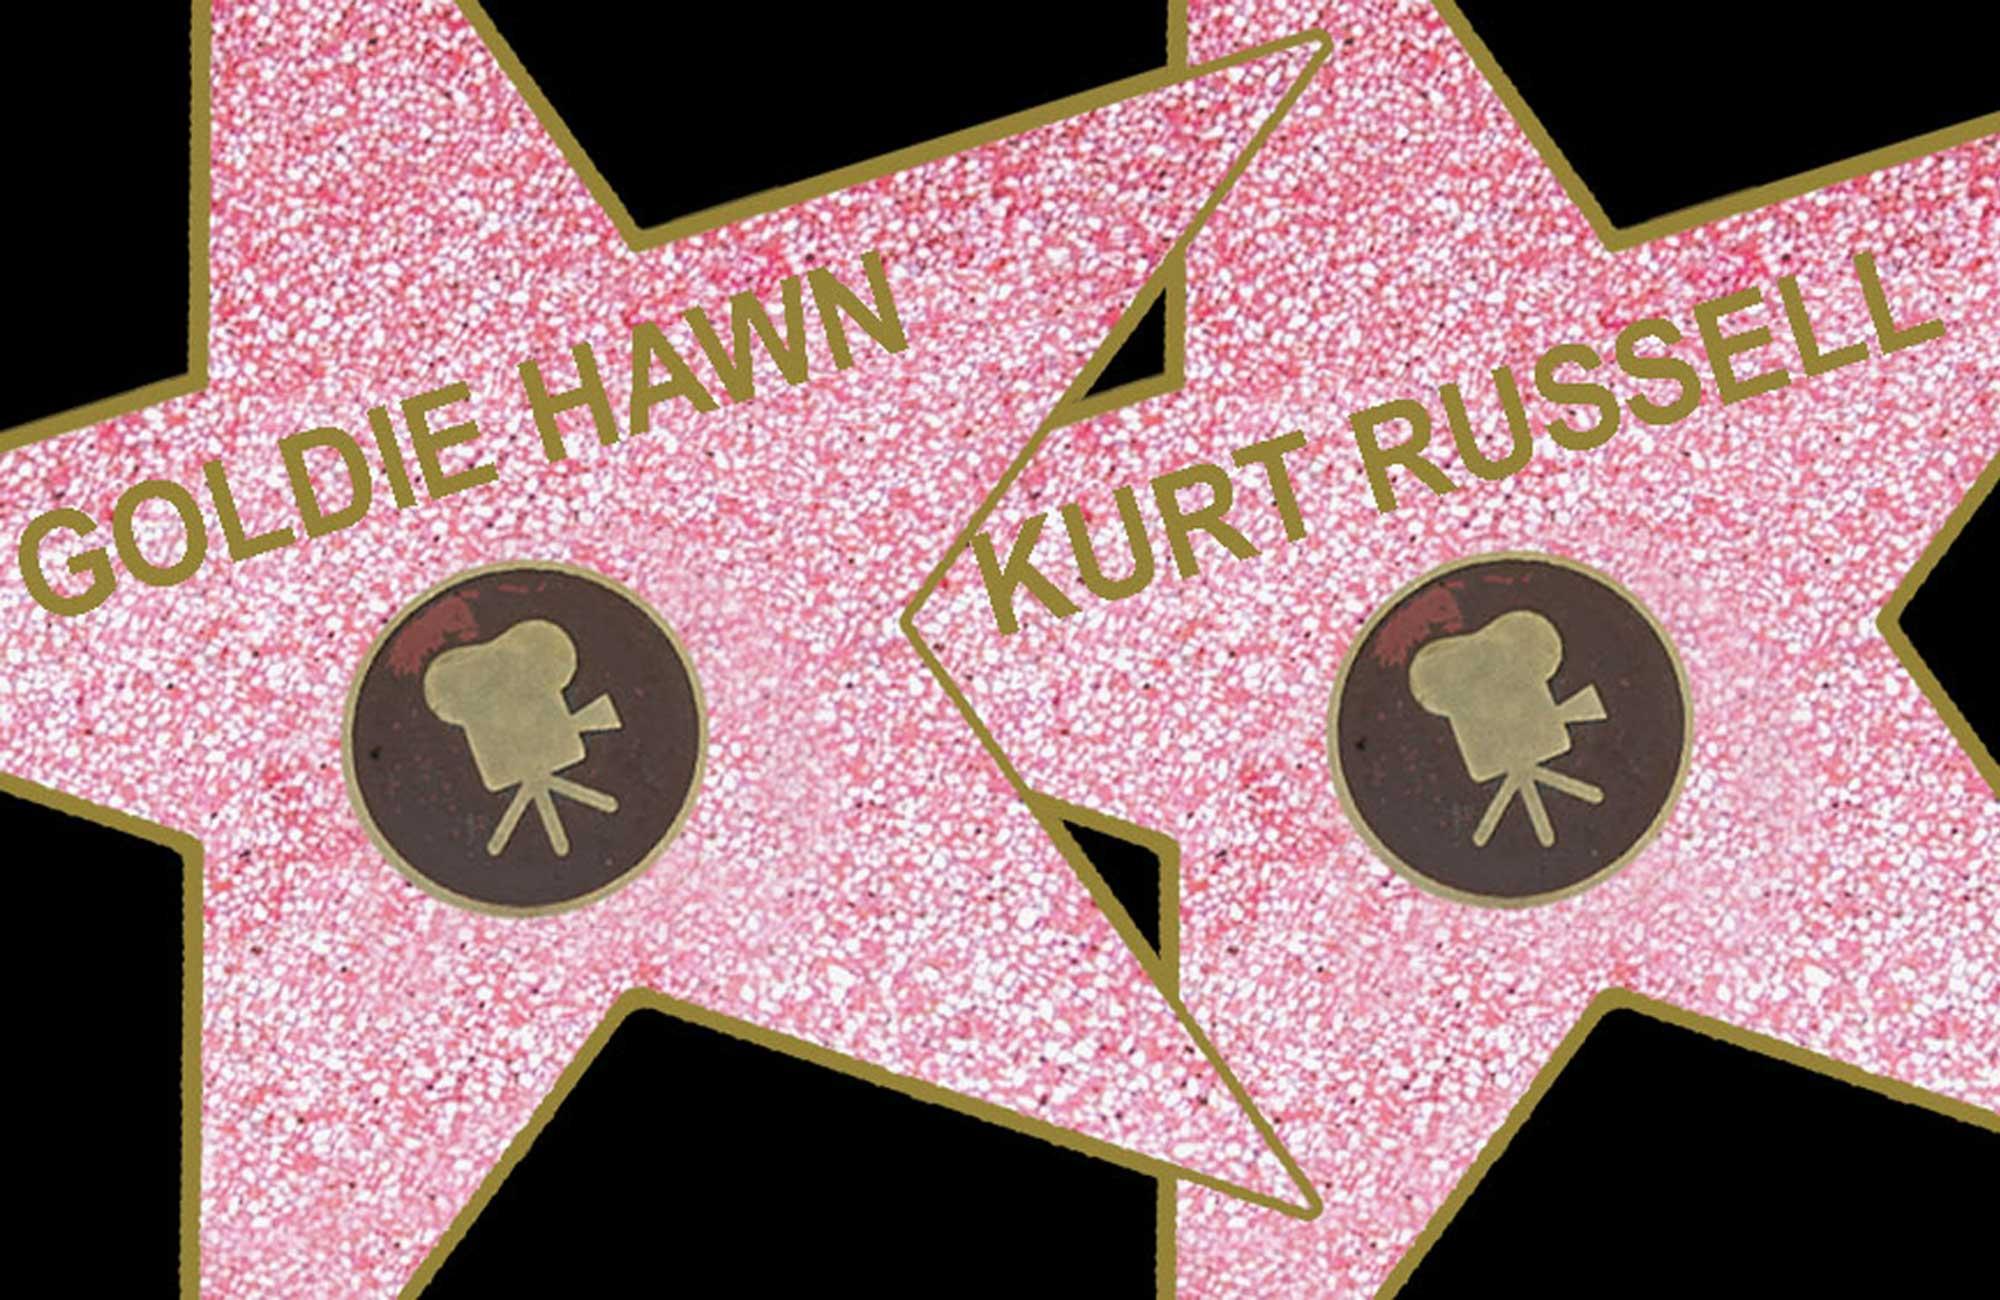 Goldie & Kurt Alert!